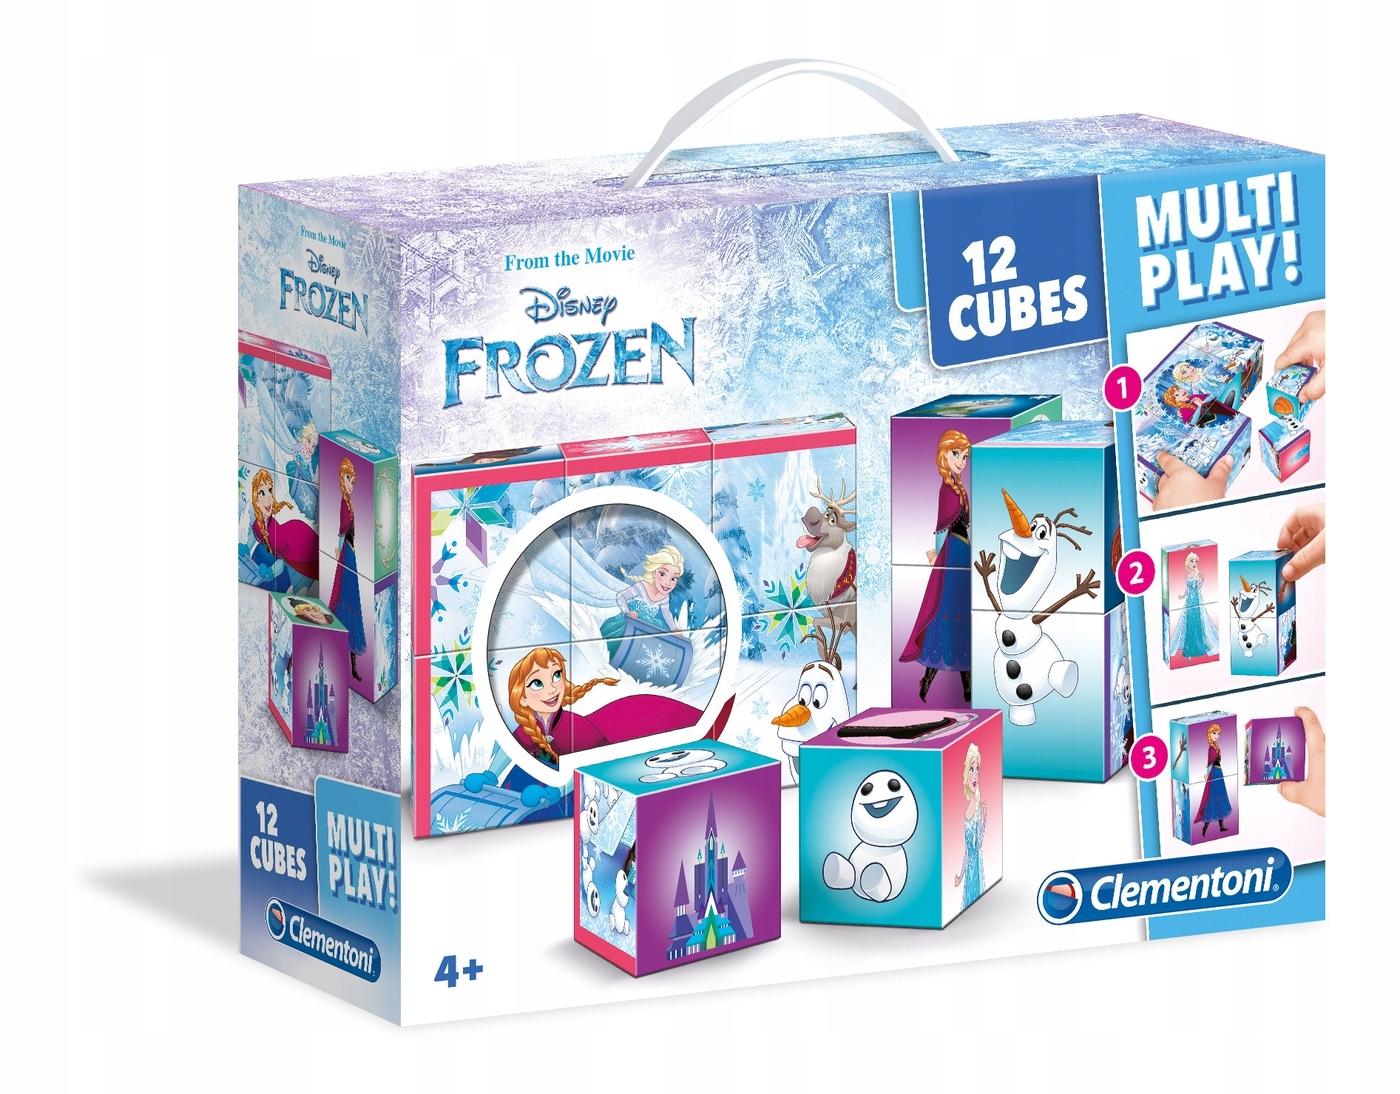 Clementoni PUZZLE BLOCKS FROZEN Frozen 4+ 12